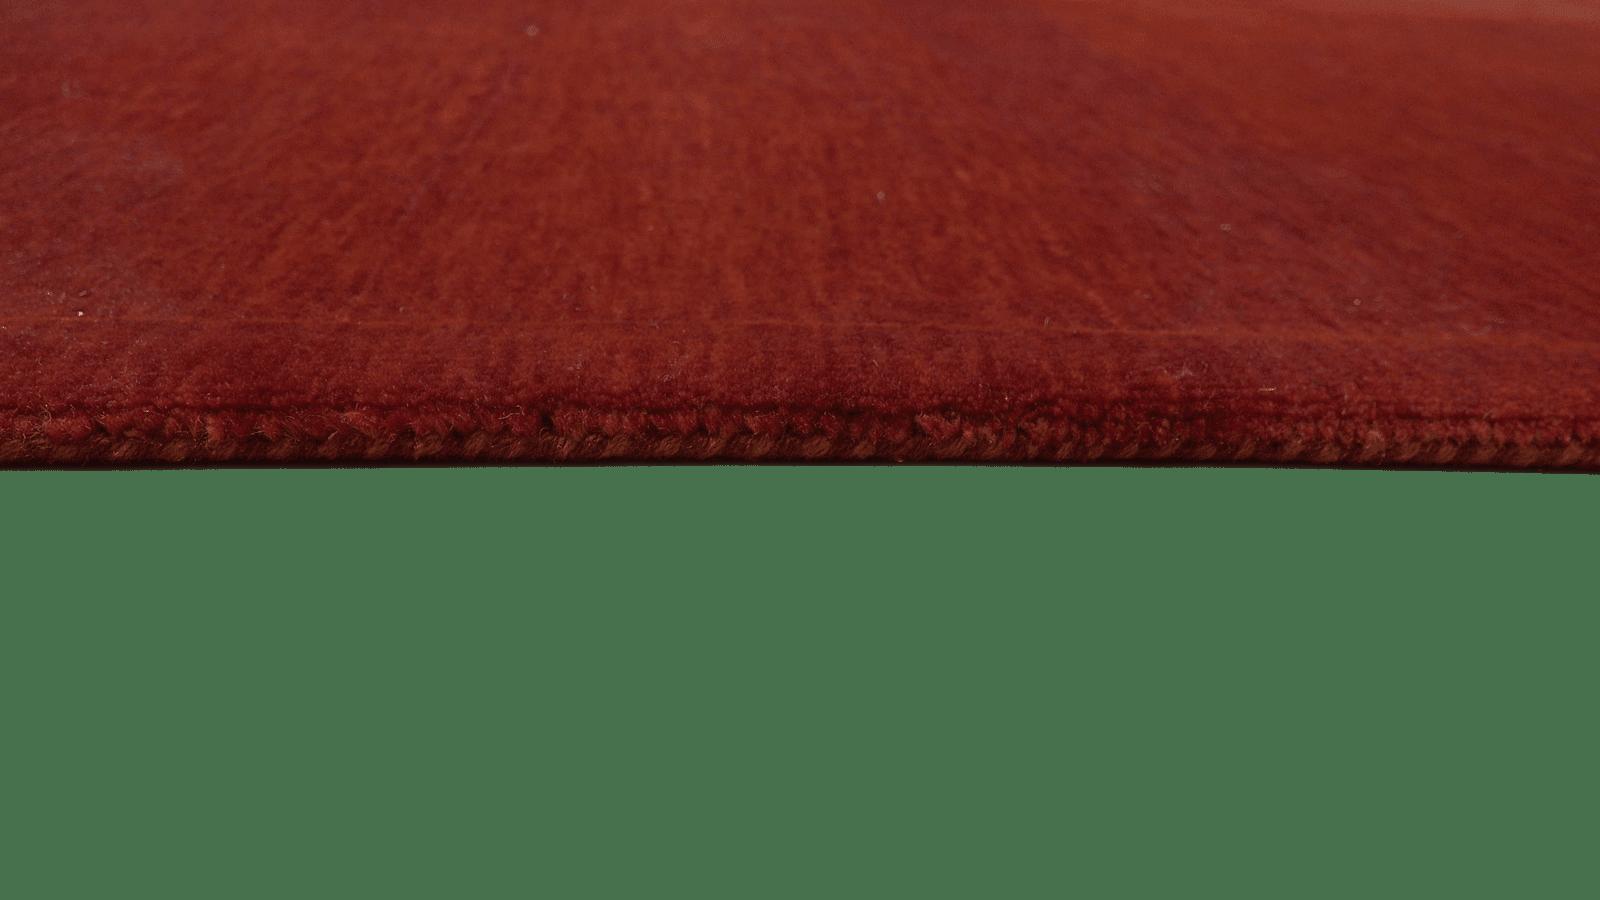 loribaft-tapijt-moderne-tapijten-nomaden-handgeknoopte-exclusieve-luxe-vloerkleden-koreman-maastricht